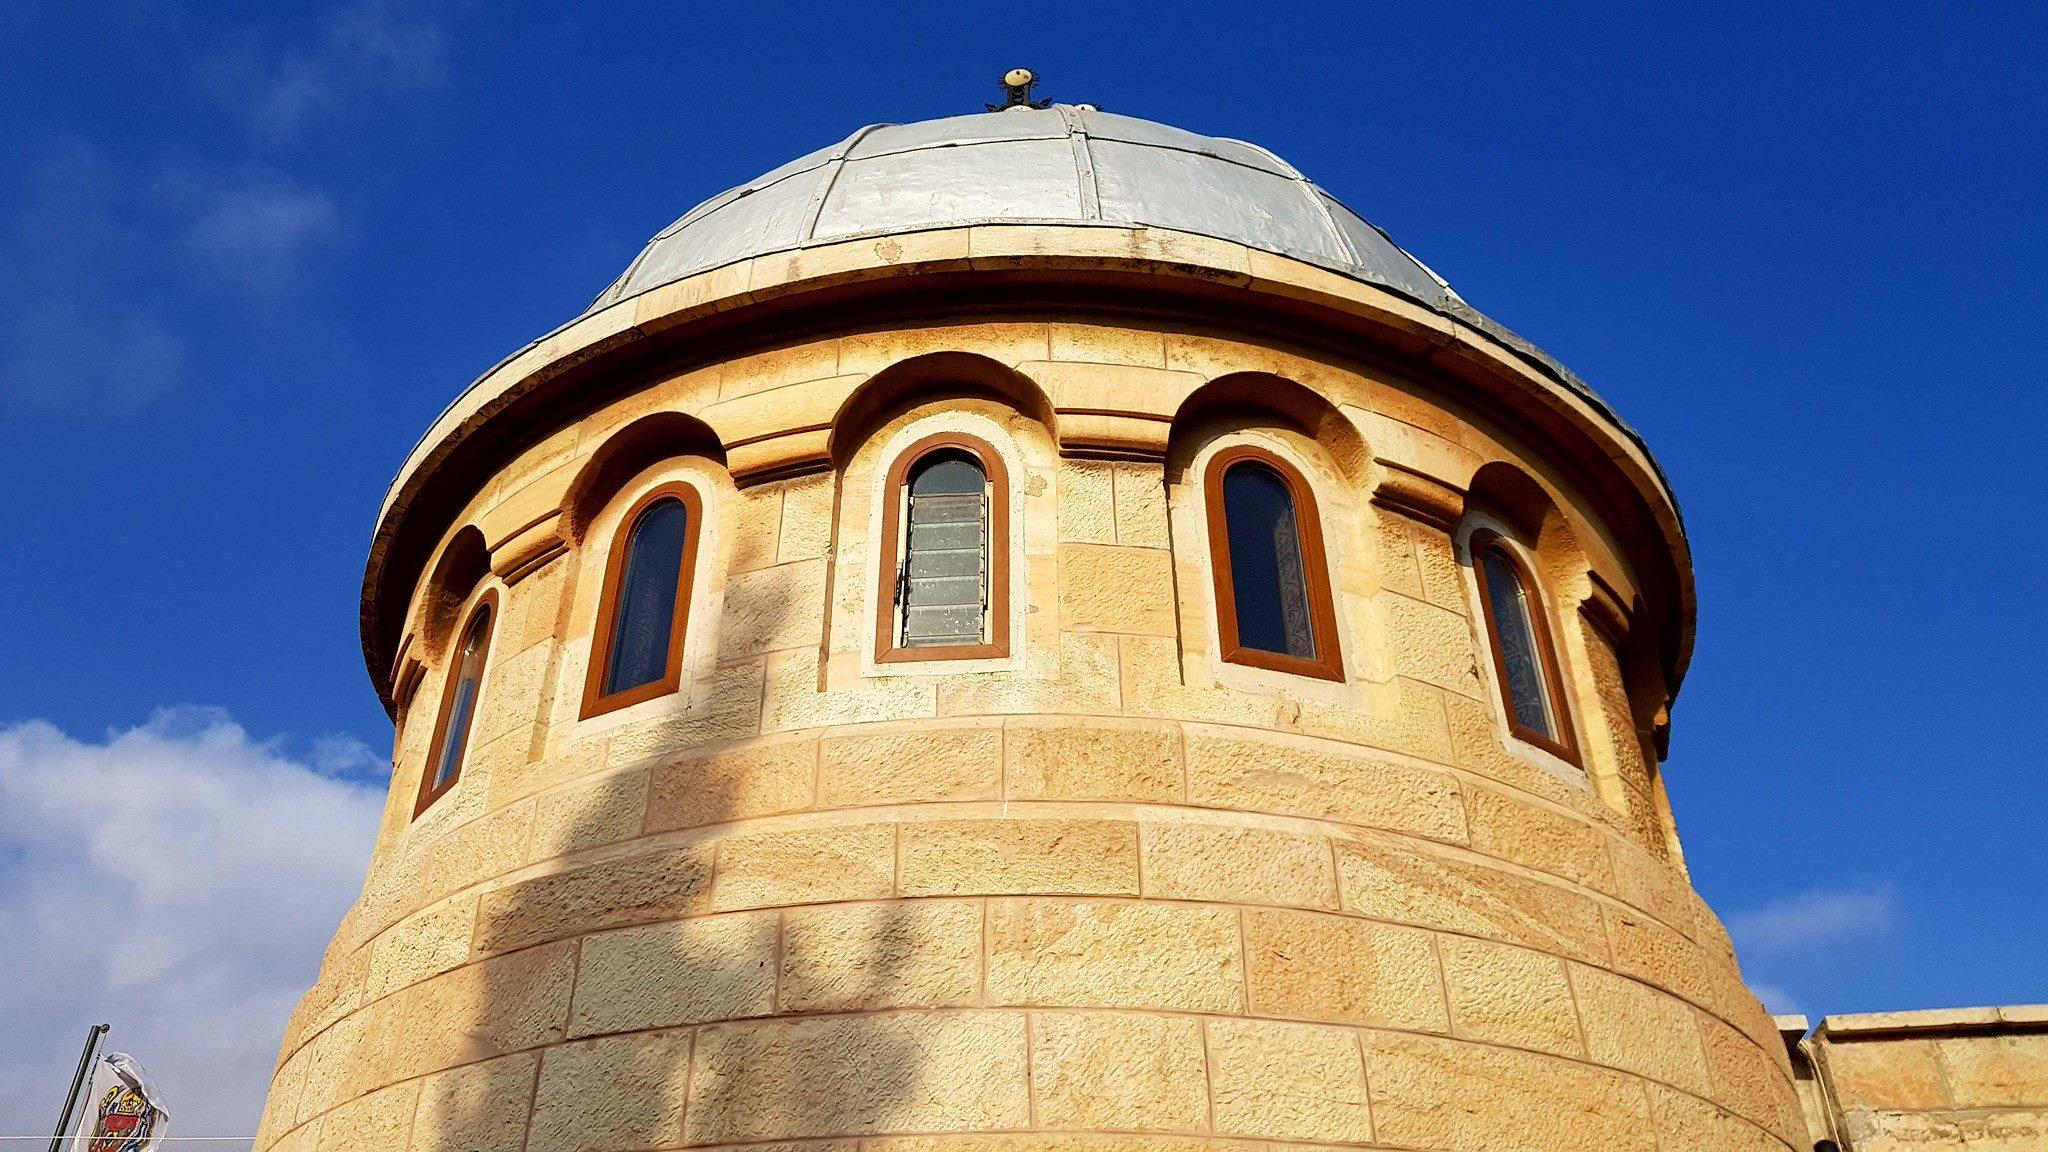 Un extremist israelian a atacat cu un bolovan biserica românească din Ierusalim